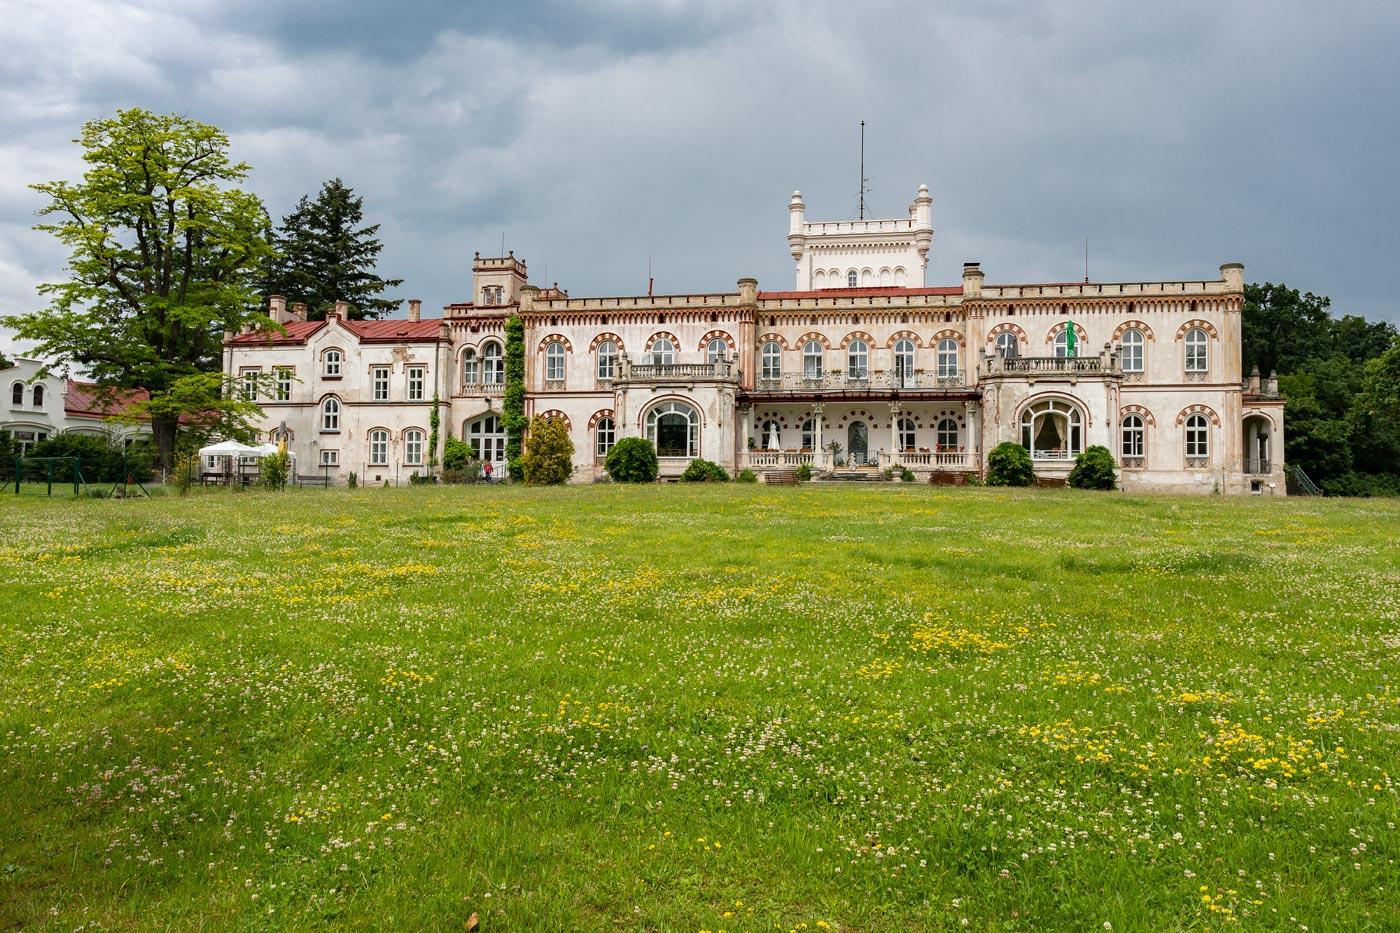 Йевишовице, новый летний дворец / Nový zámek v Jevišovicích